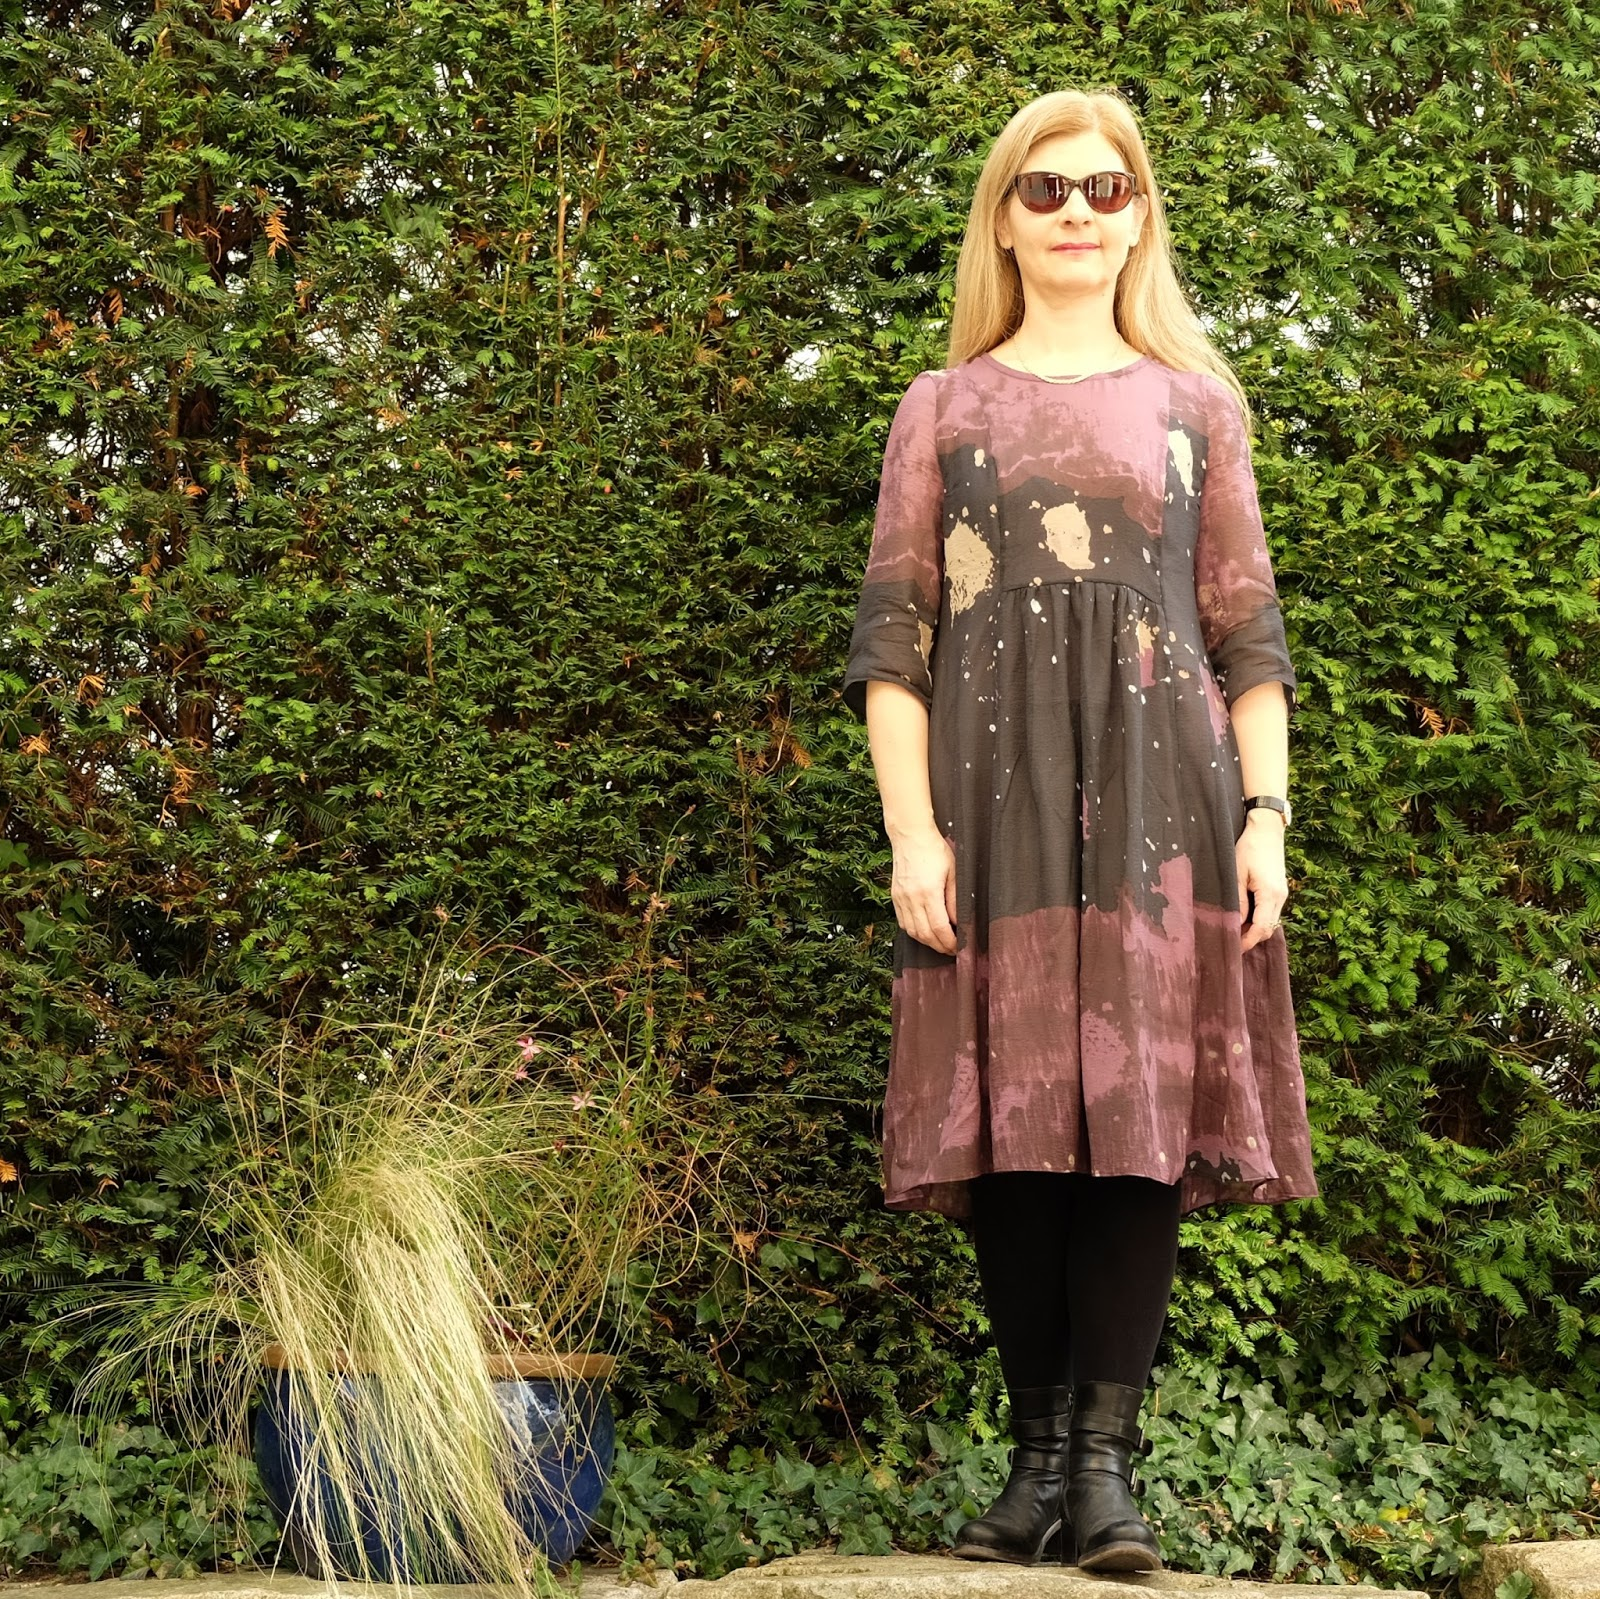 Niedlich Kleid Für Party Des Neuen Jahres 2014 Galerie ...